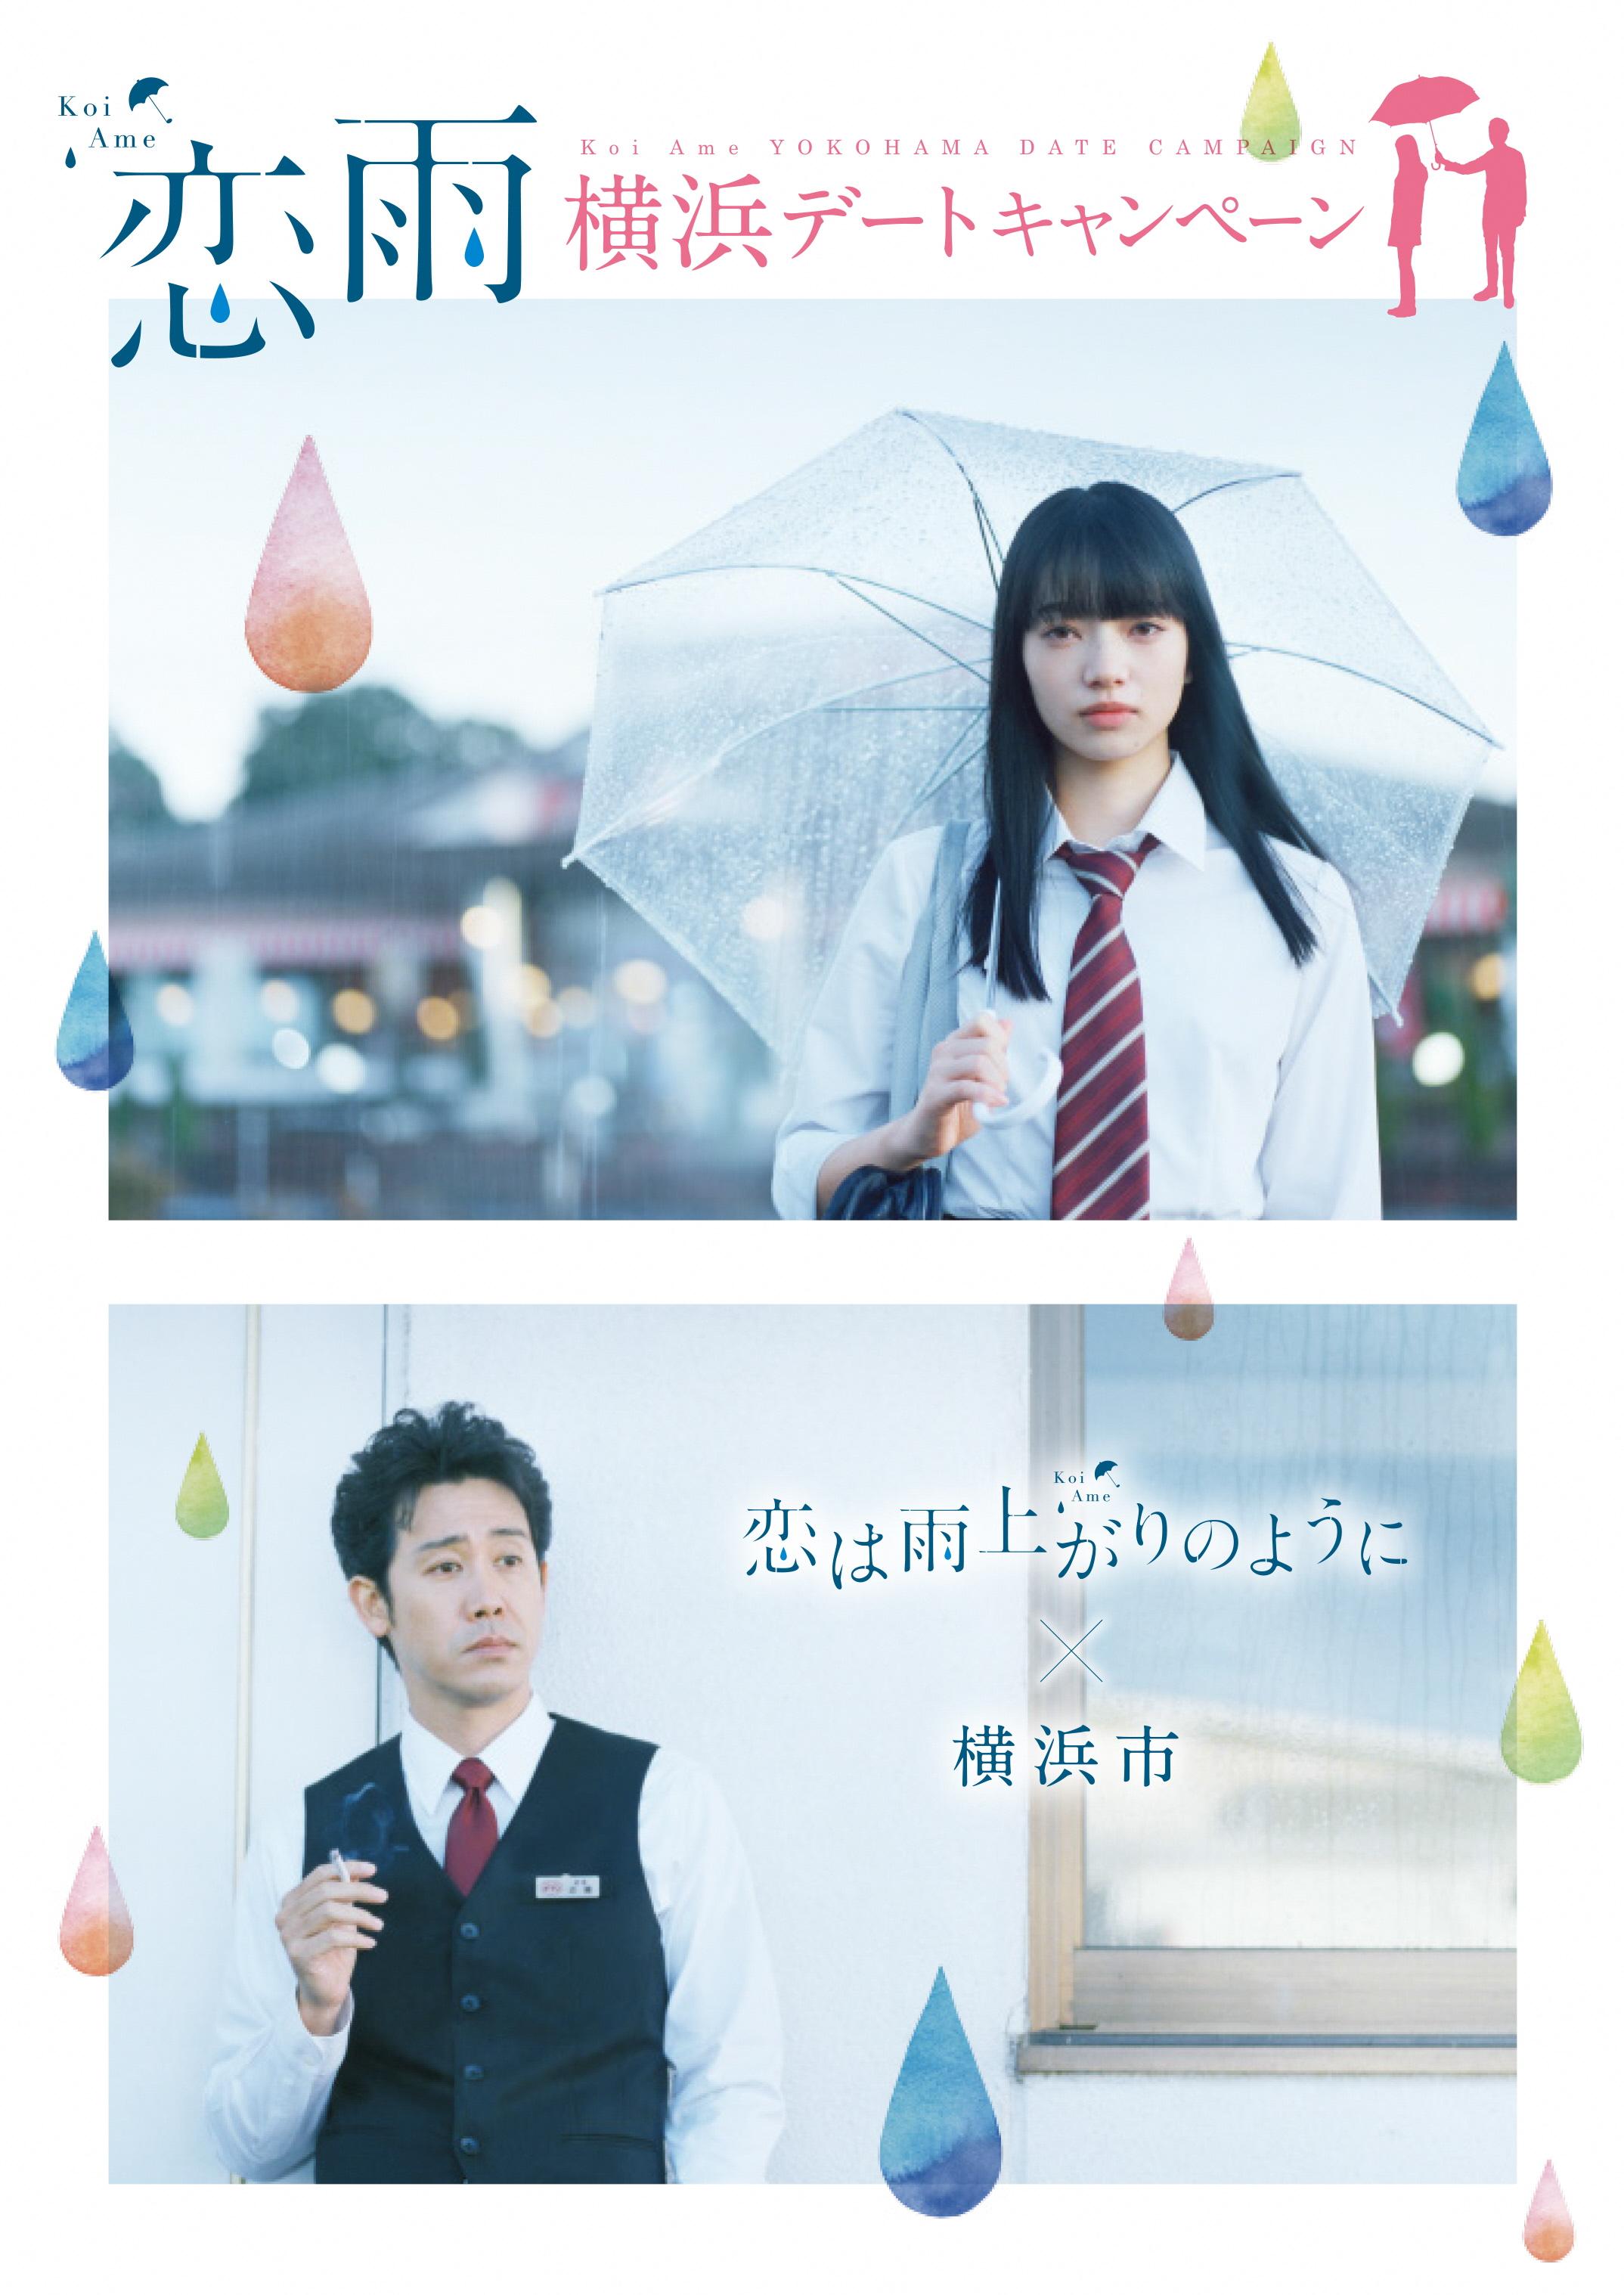 恋 は 雨上がり の よう に 映画